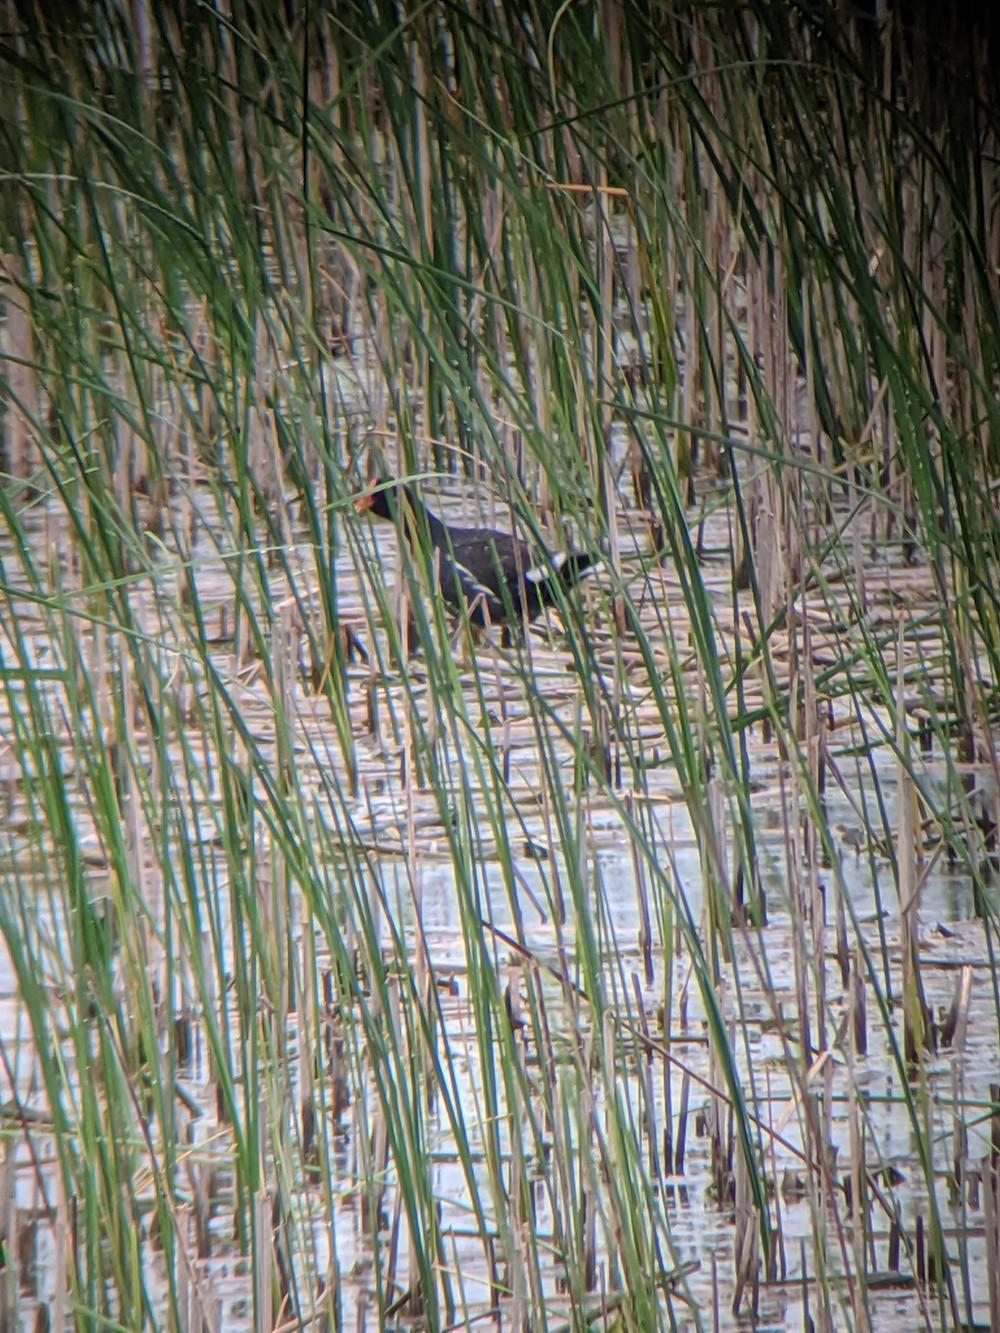 Common Gallinule amongst the marsh grasses